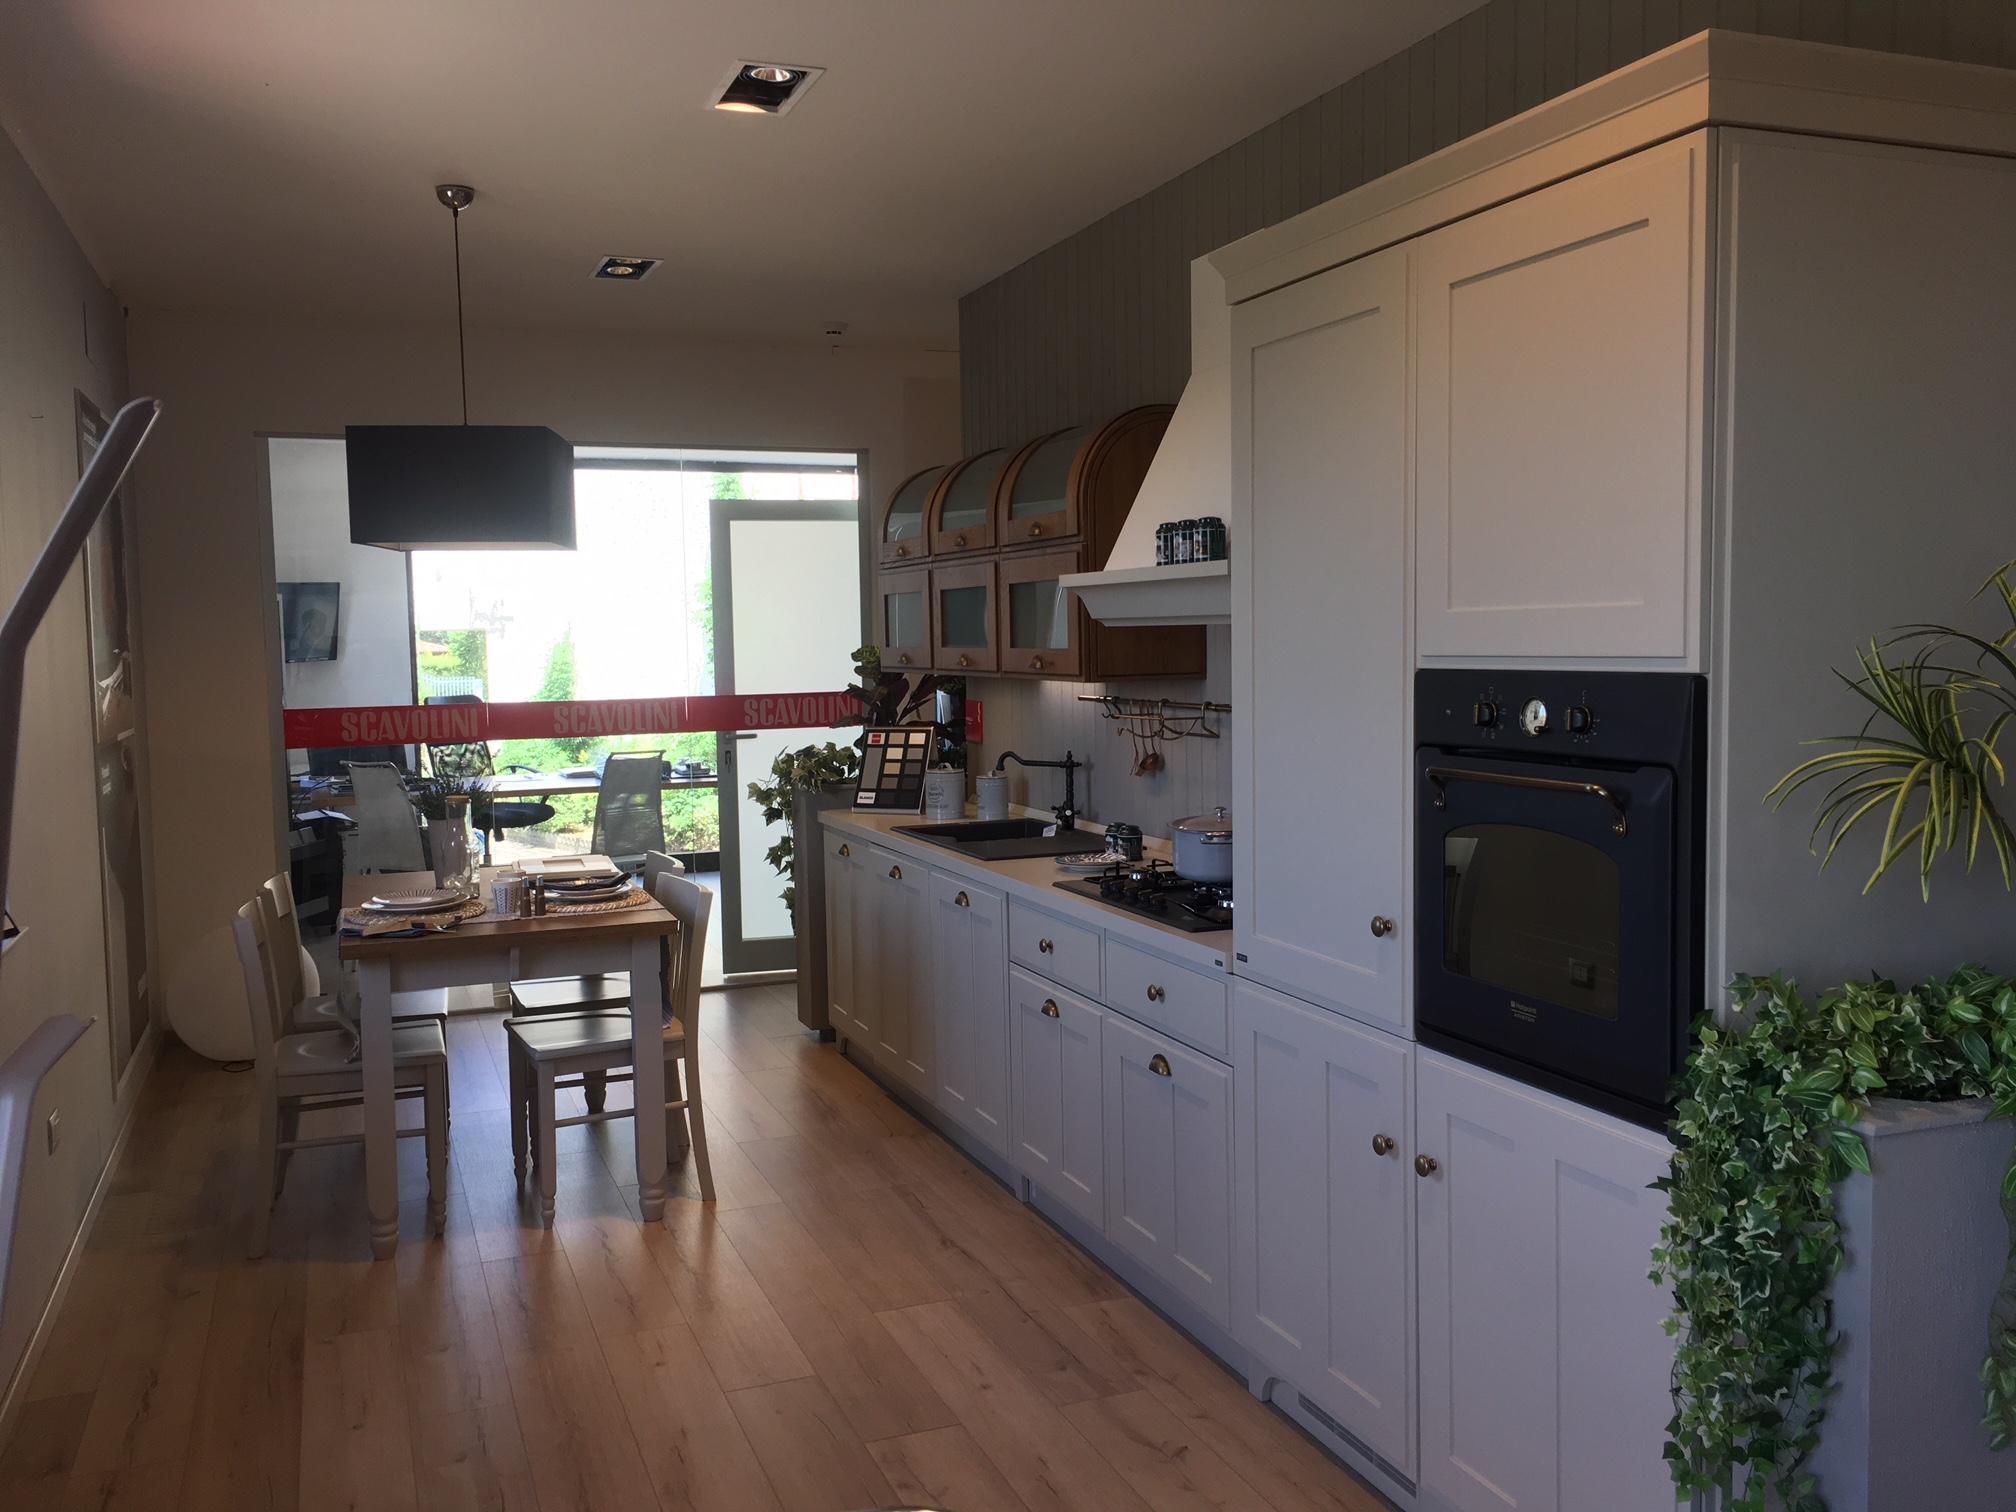 Arredamenti cosenza cucine scavolini favilla mobilificio for Arredamenti cosenza